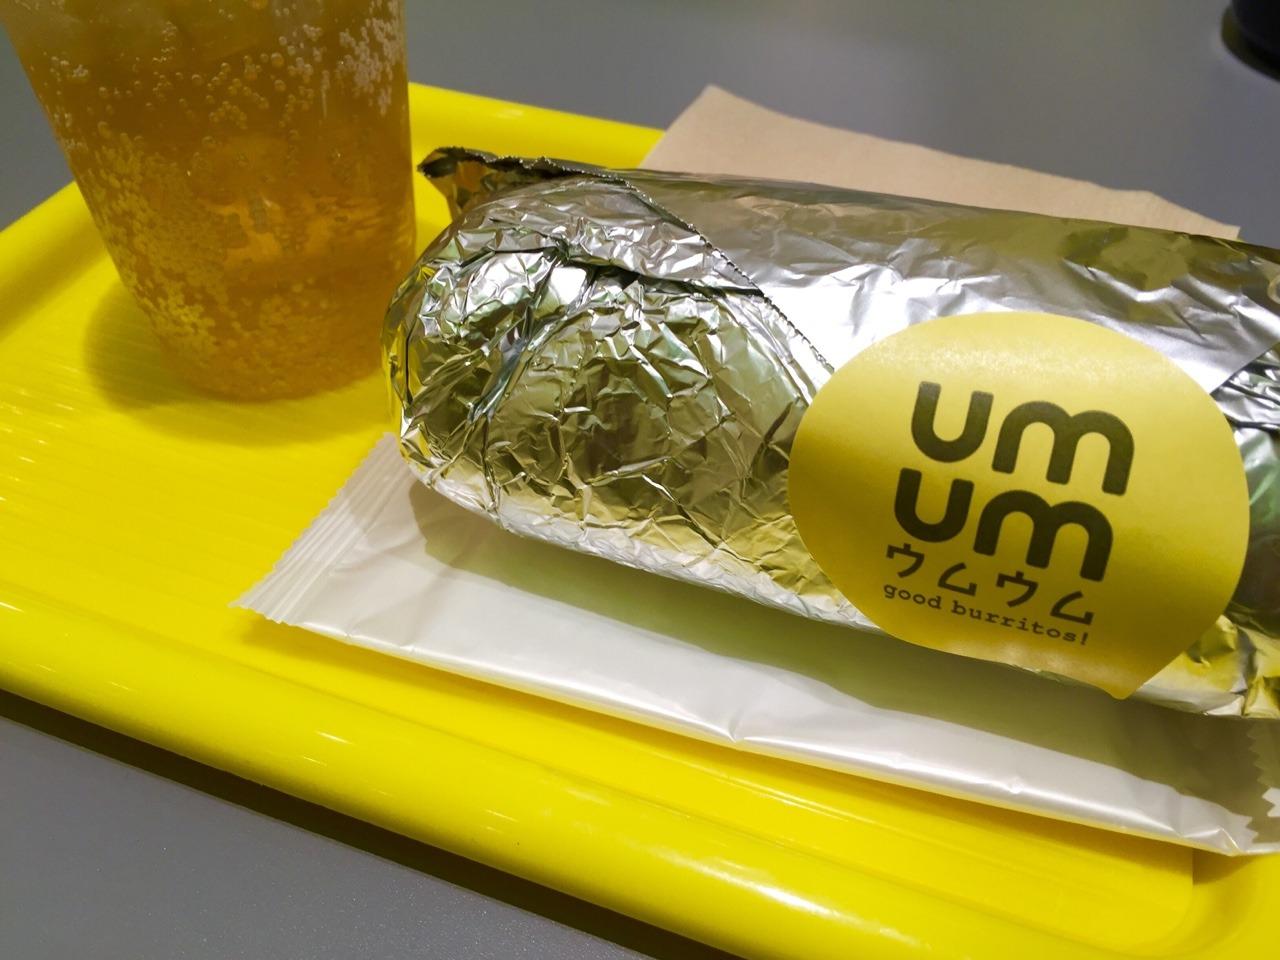 umum good burritos! @丸の内